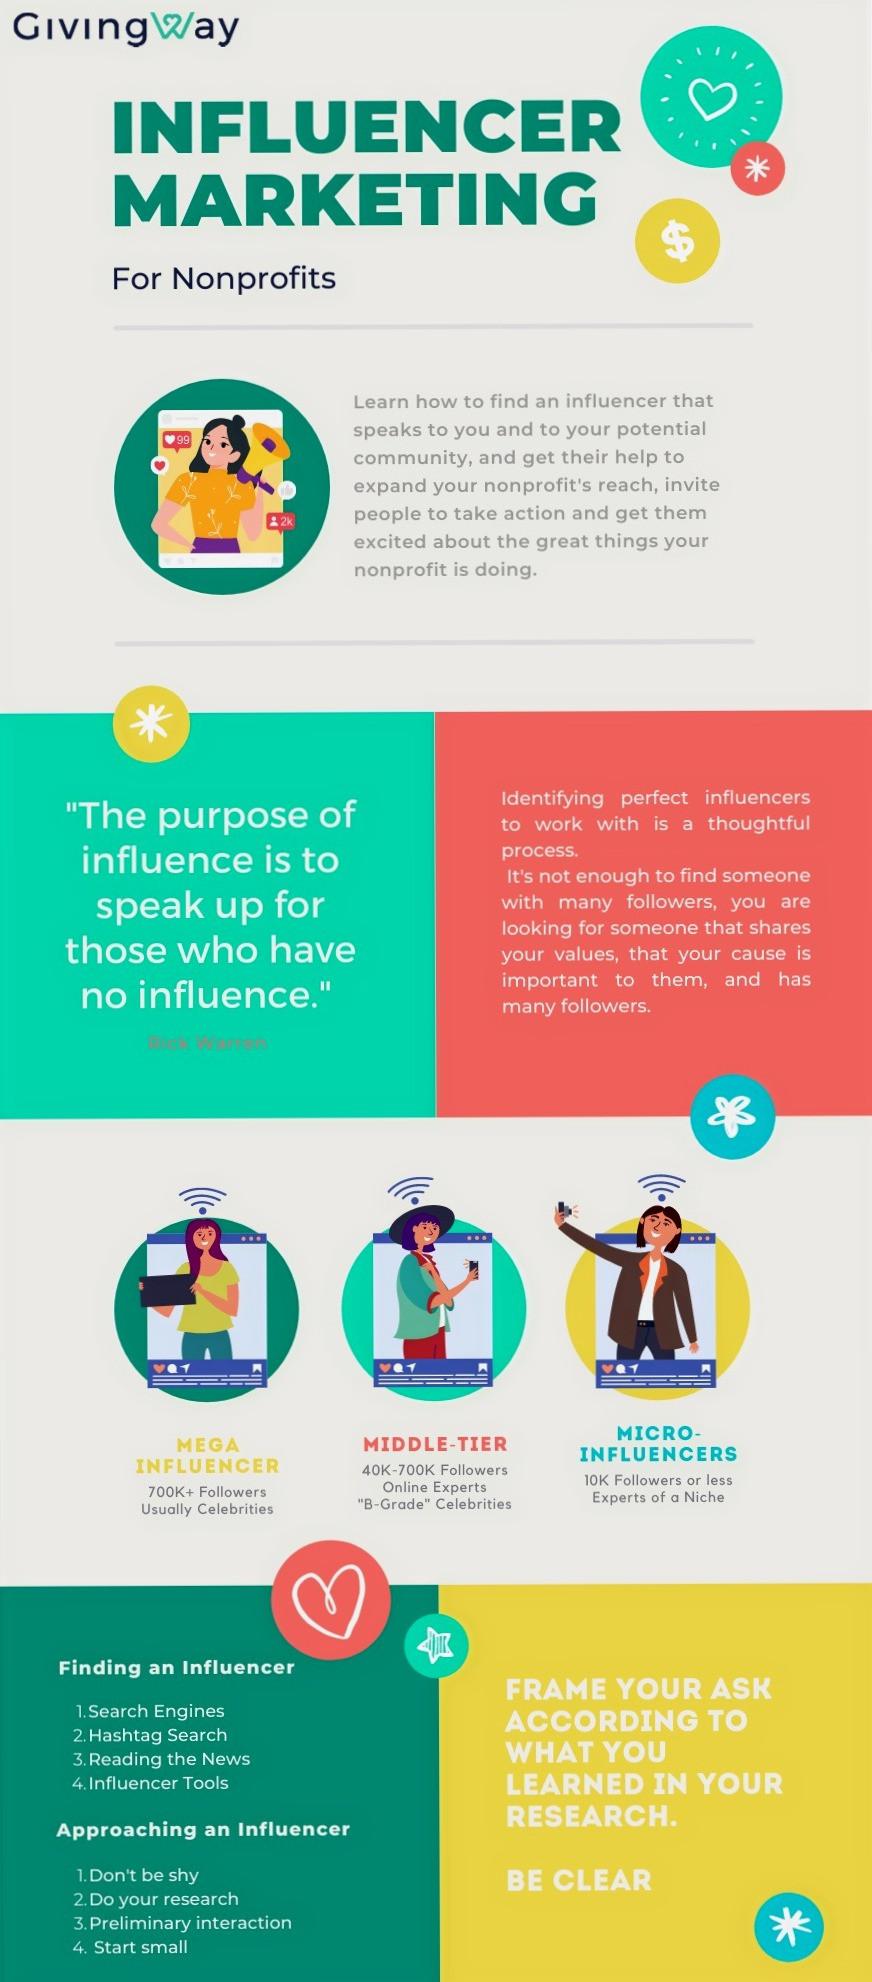 Infographic explaining influencer marketing for nonprofits